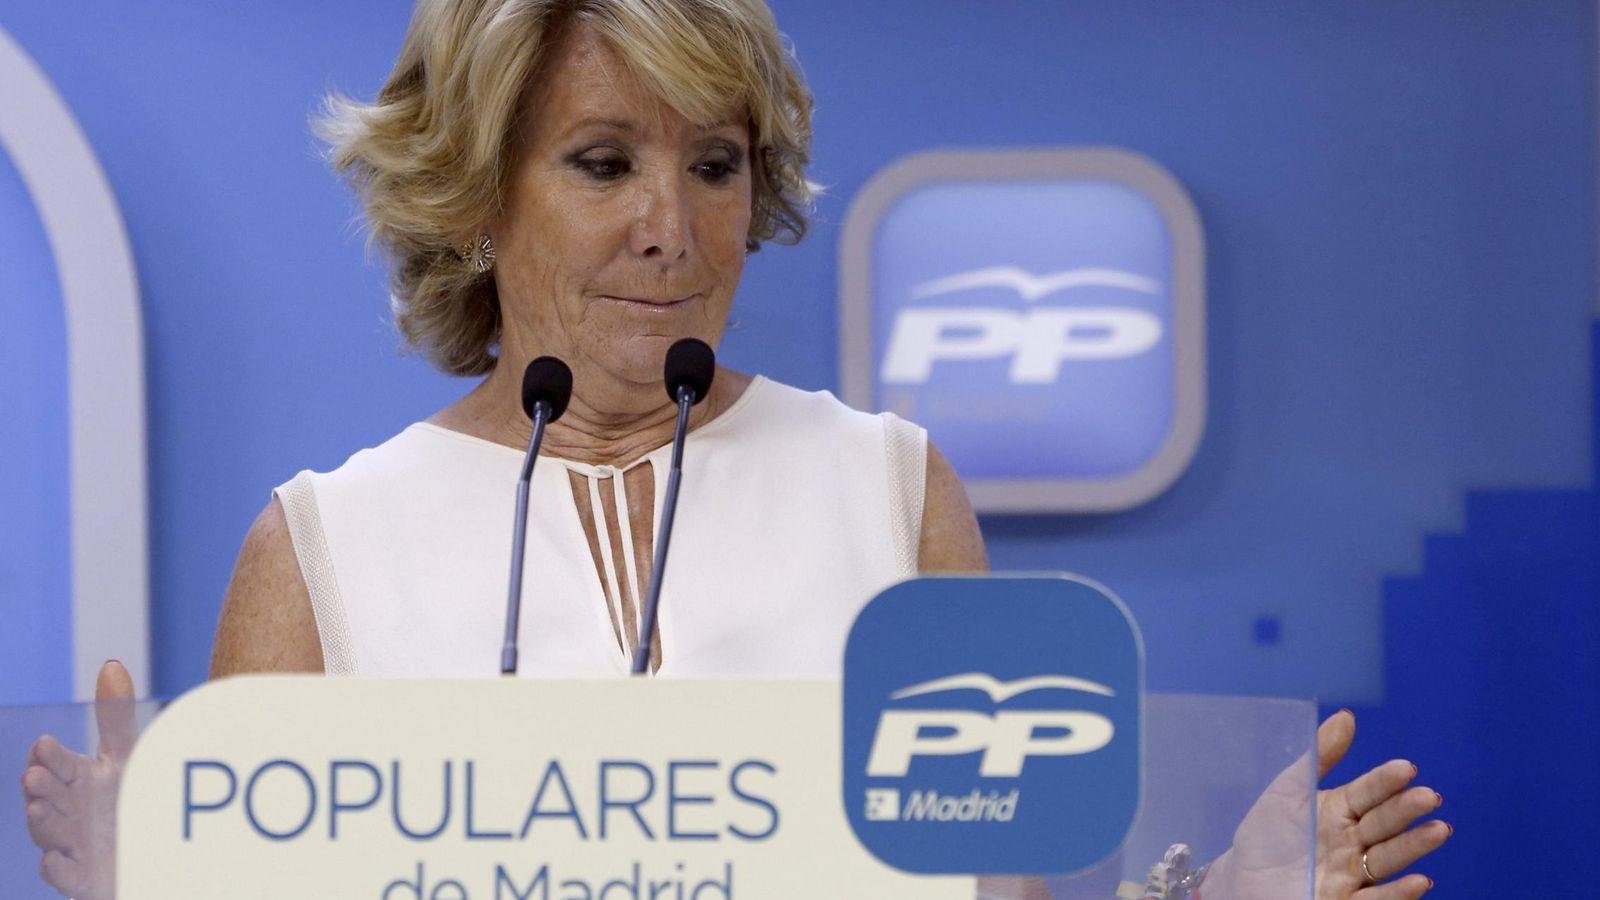 Foto: La presidenta del PP de Madrid, Esperanza Aguirre, durante una rueda de prensa. (Efe)